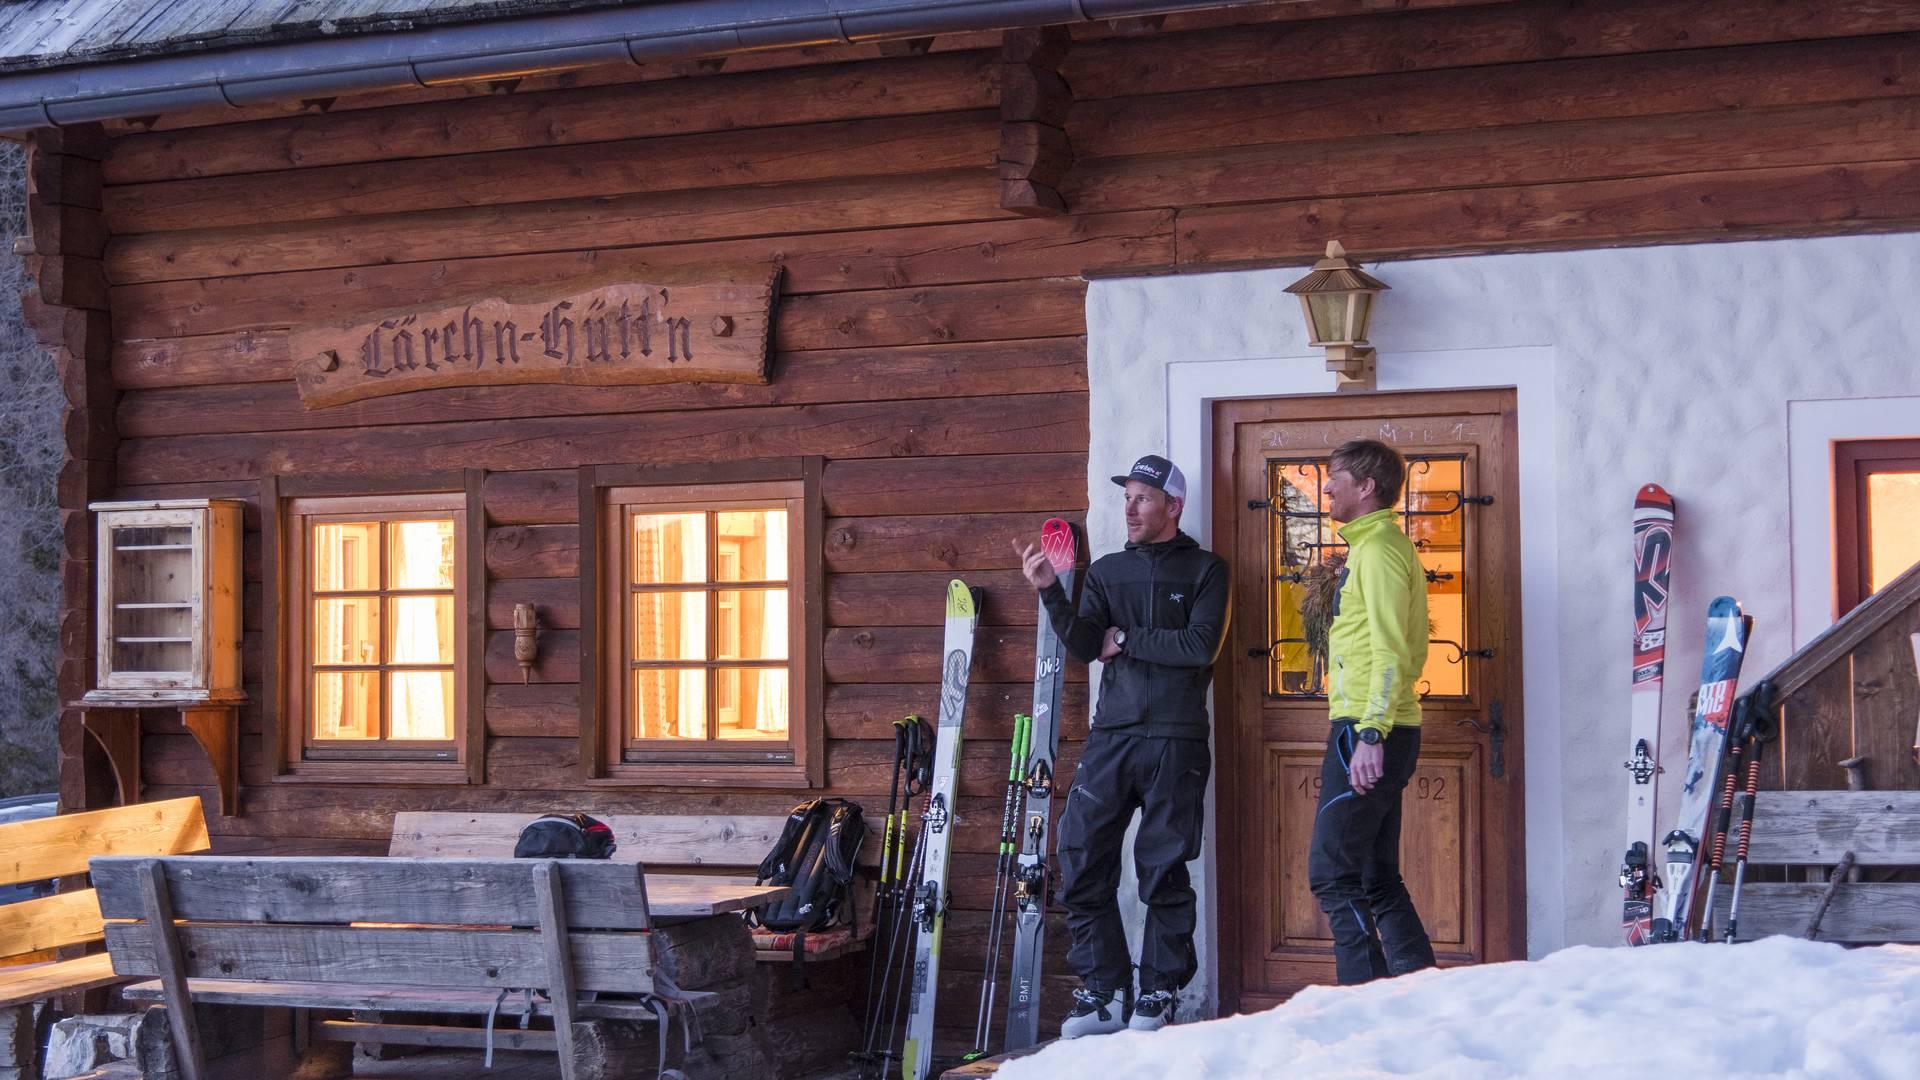 <p>Lärchenhütte im Winter bei der Nockberge-Trail Skidurchquerung</p>